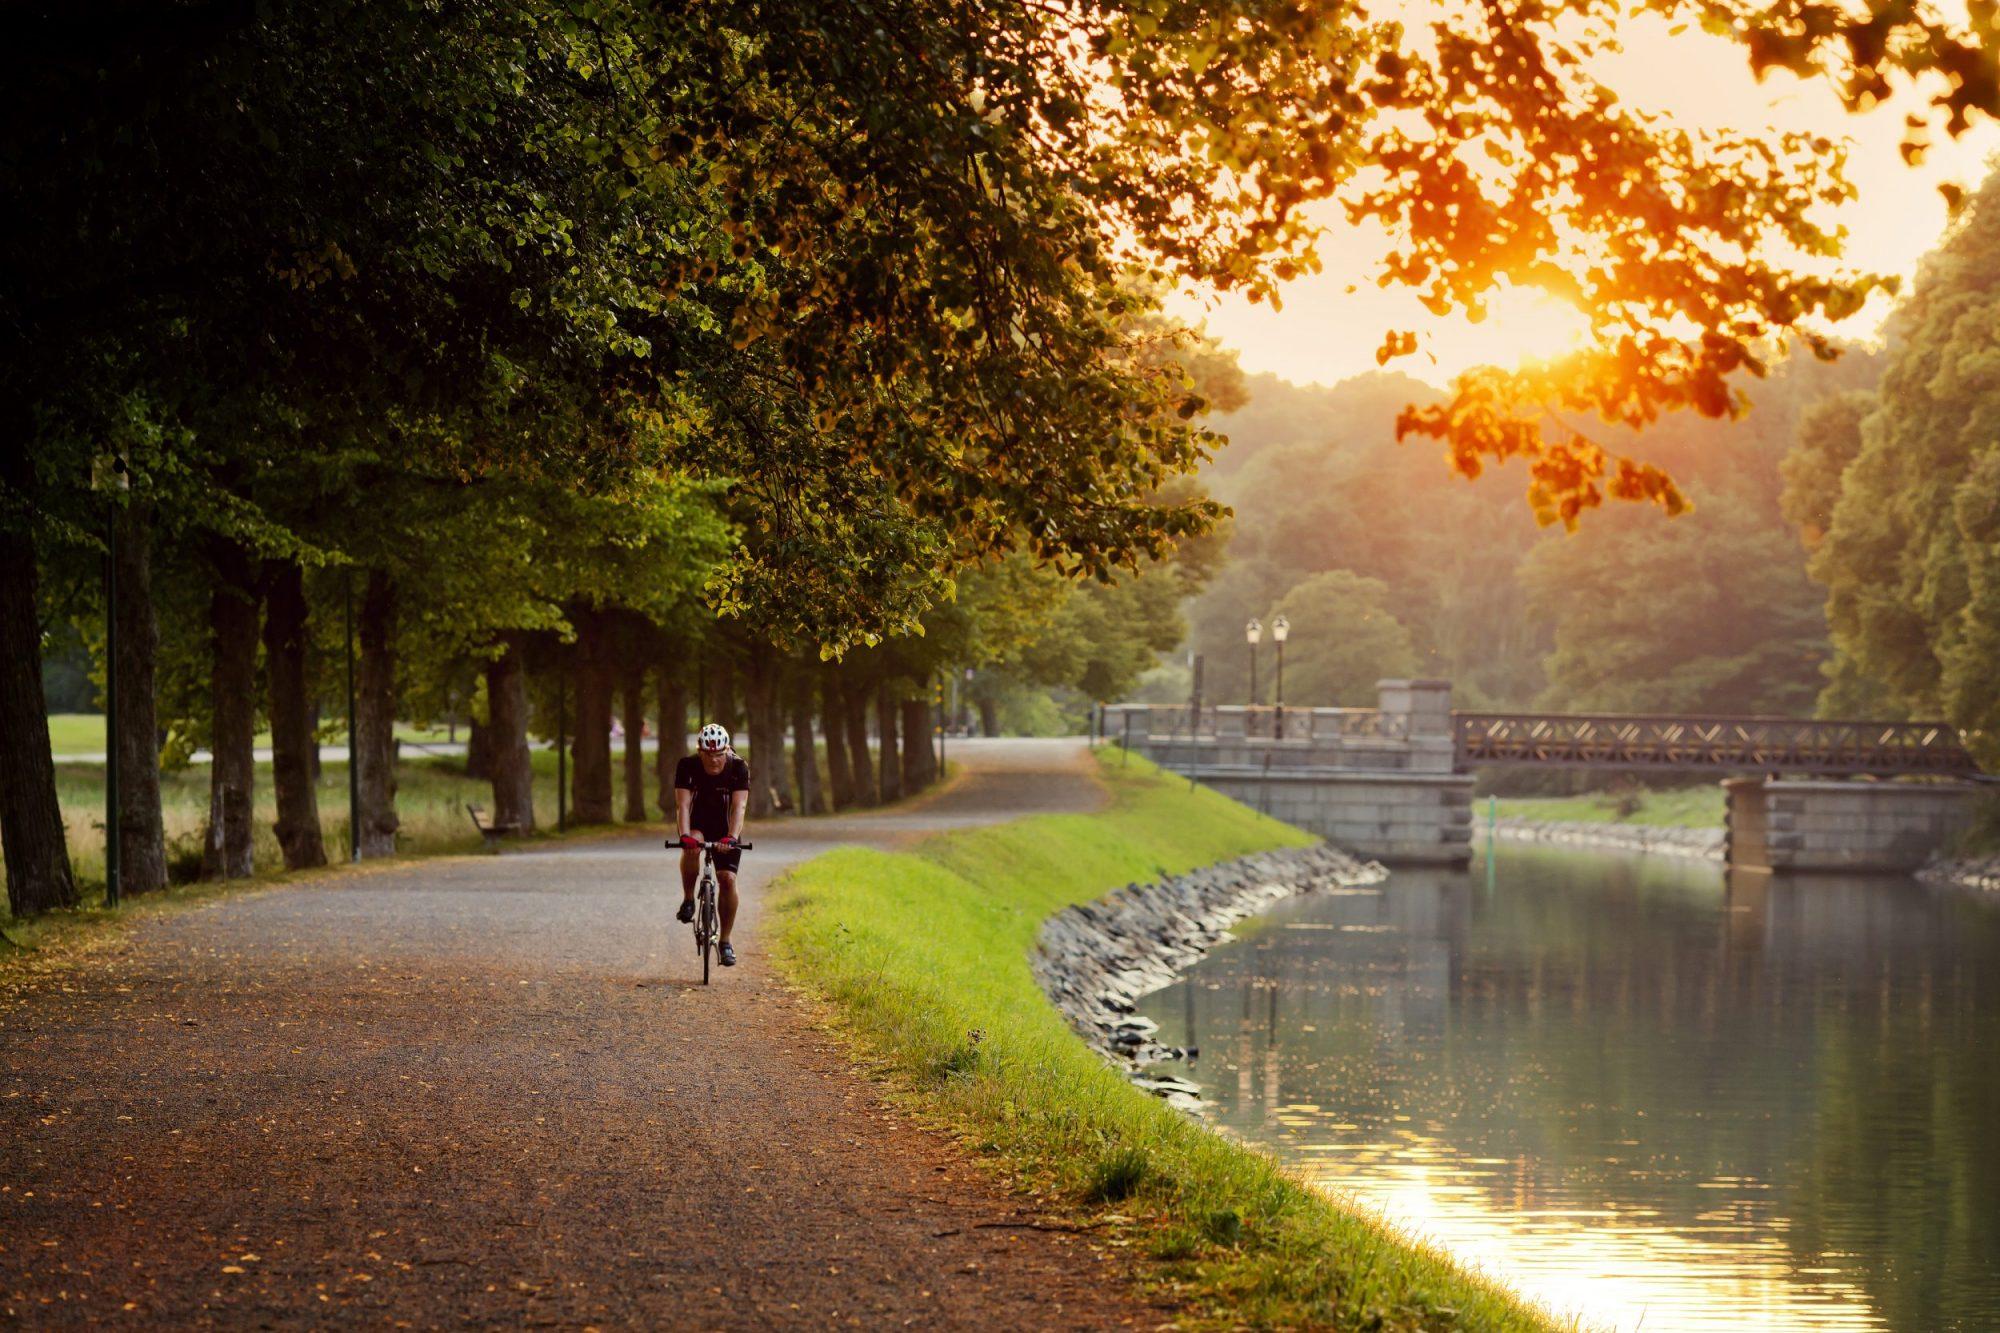 Man biking next to river